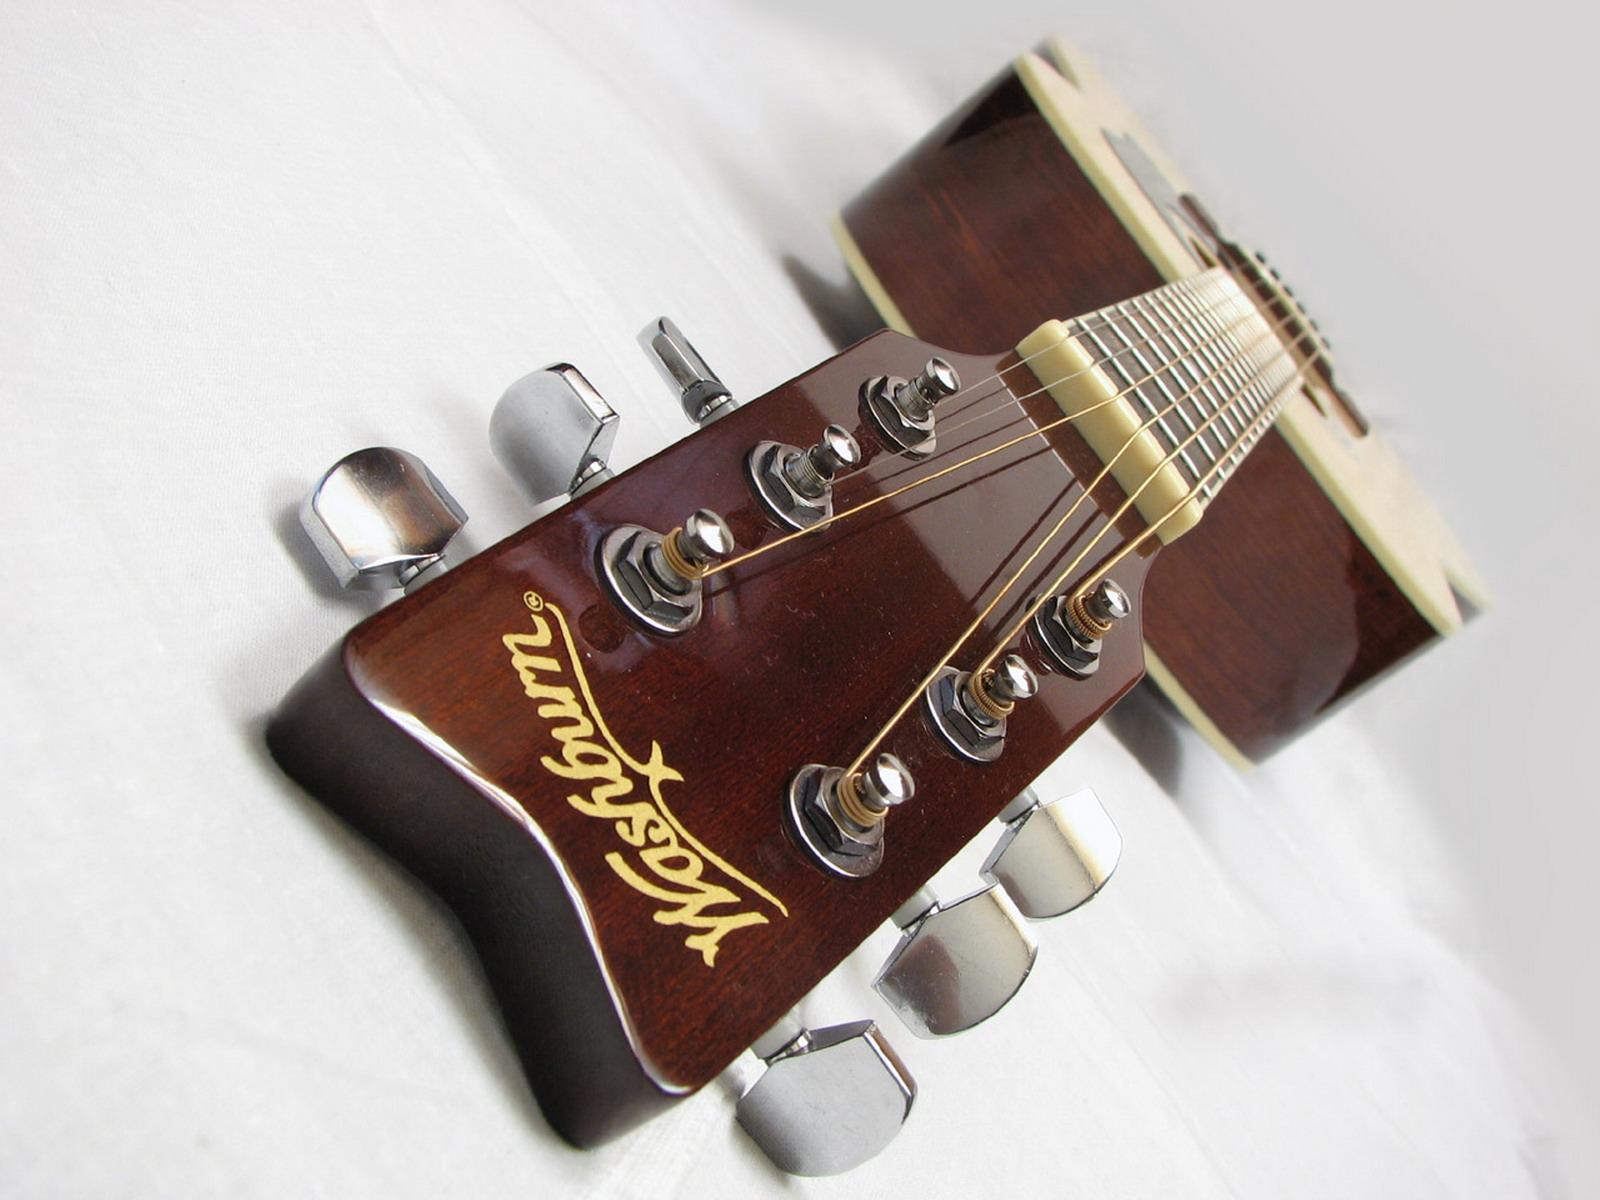 вот хочу купить гитару но я полное дно ! выбрал которая понравилась, через 3 дня пойду покупать от washburn думаю чт .... - Изображение 1